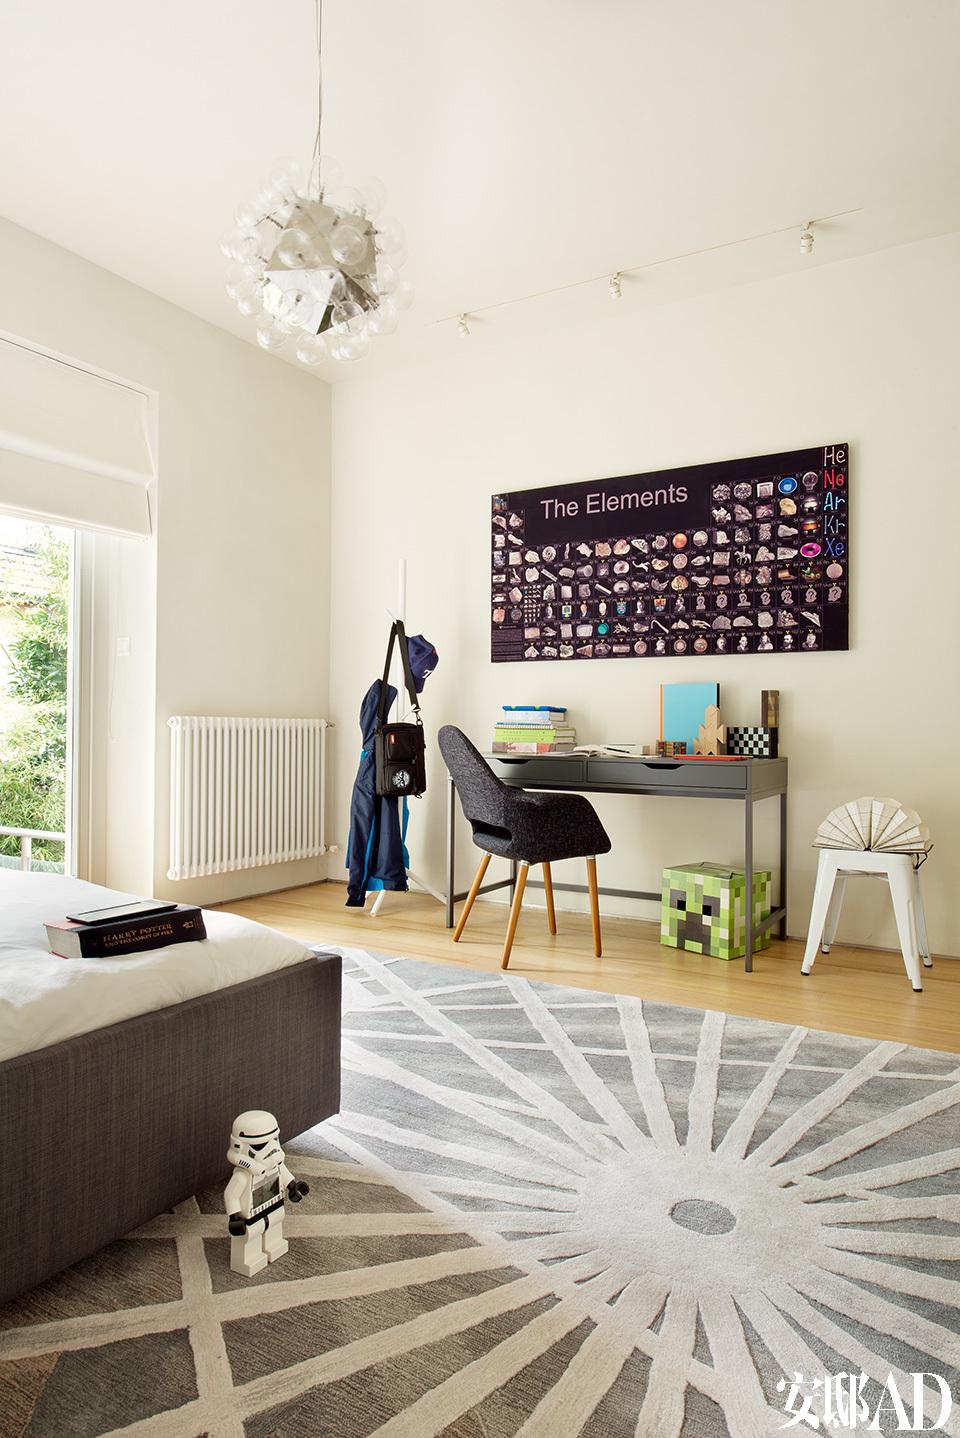 """孩子的卧室里,无论怎么乱,都会很有型。秘诀是一块图案醒目的地毯可以包容一切。设计师Megan根据孩子们喜爱的电影——""""星球大战""""中的元素设计了地毯,生物学专业的父亲索性把生物元素表贴上墙,大儿子的卧室已经出人意料的酷毙了。"""